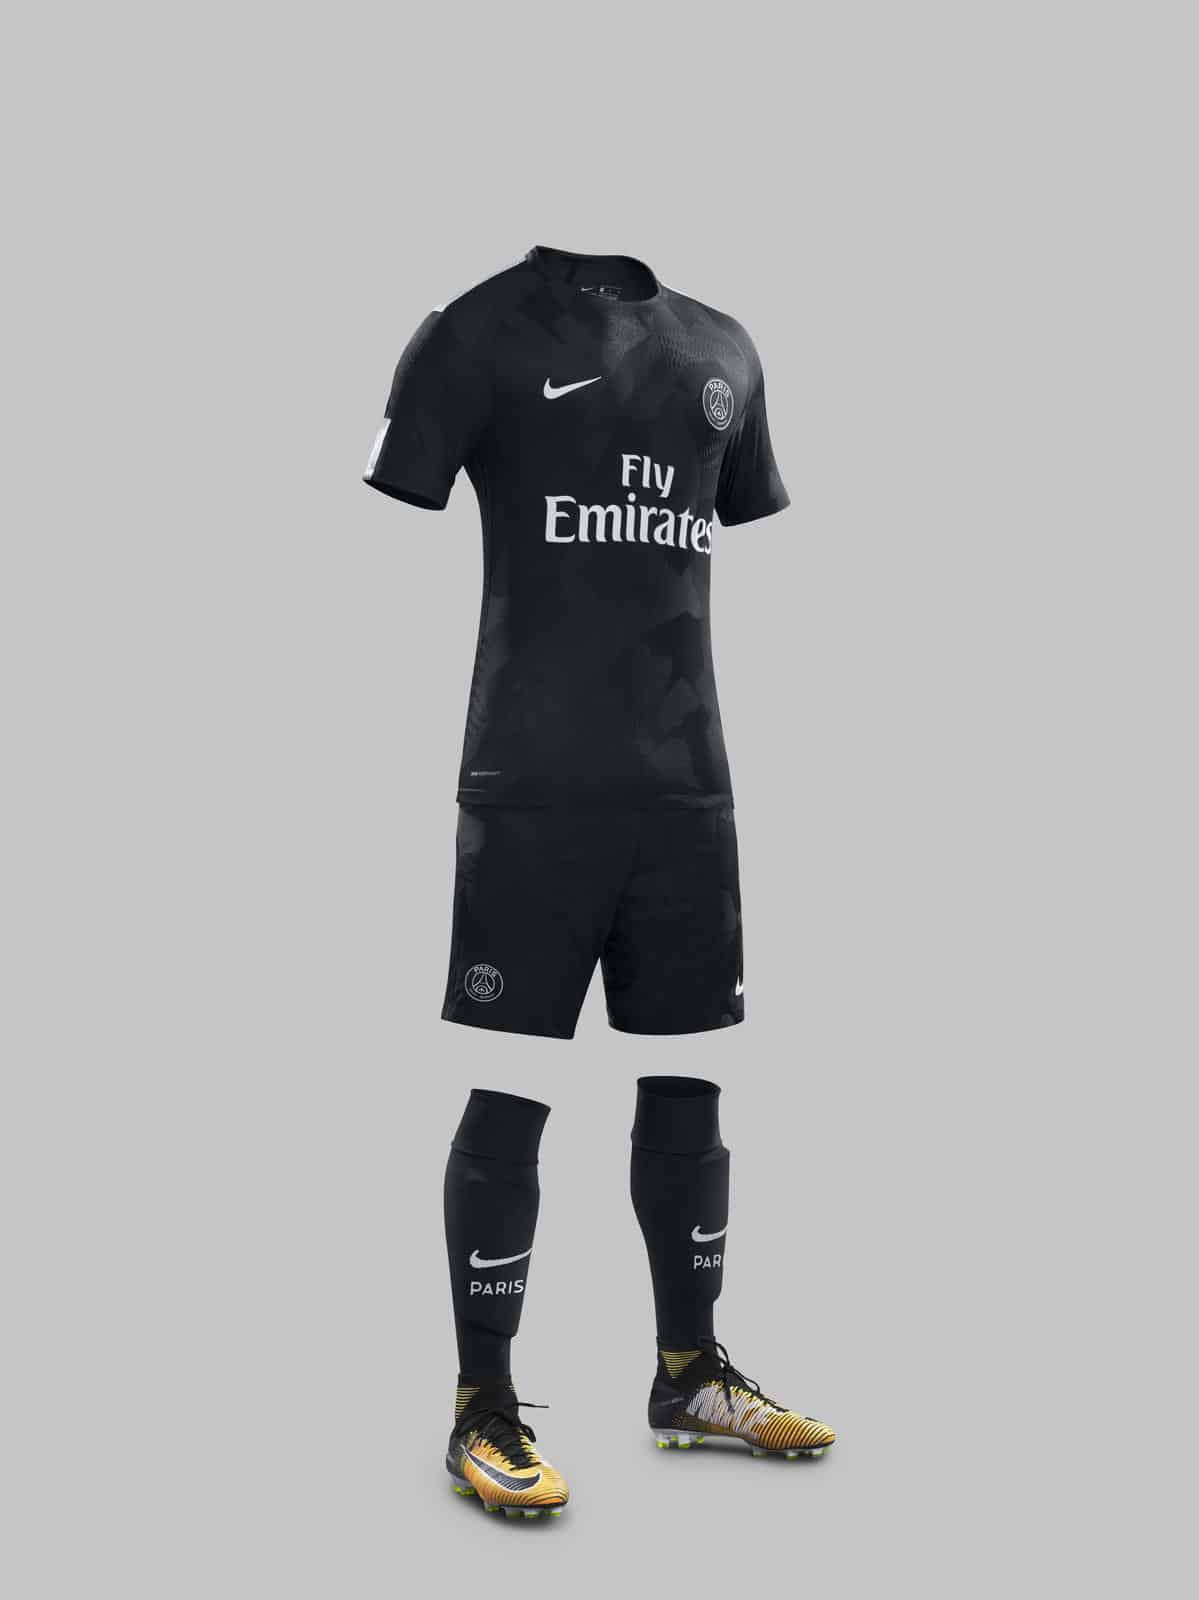 nouveau-maillot-football-psg-noir-2017-2018-2